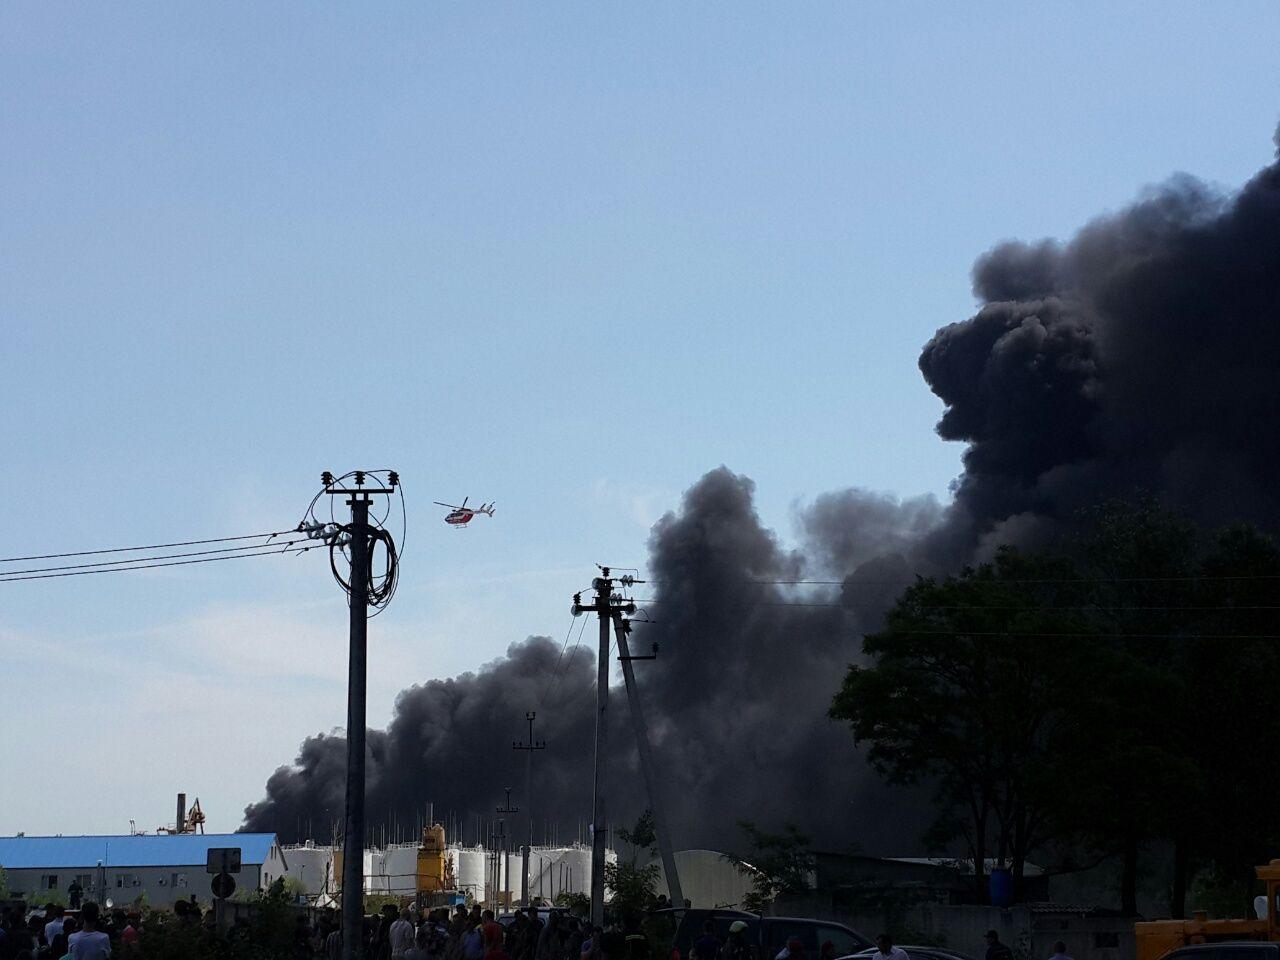 К ликвидации пожара привлечены вертолеты, иллюстрация